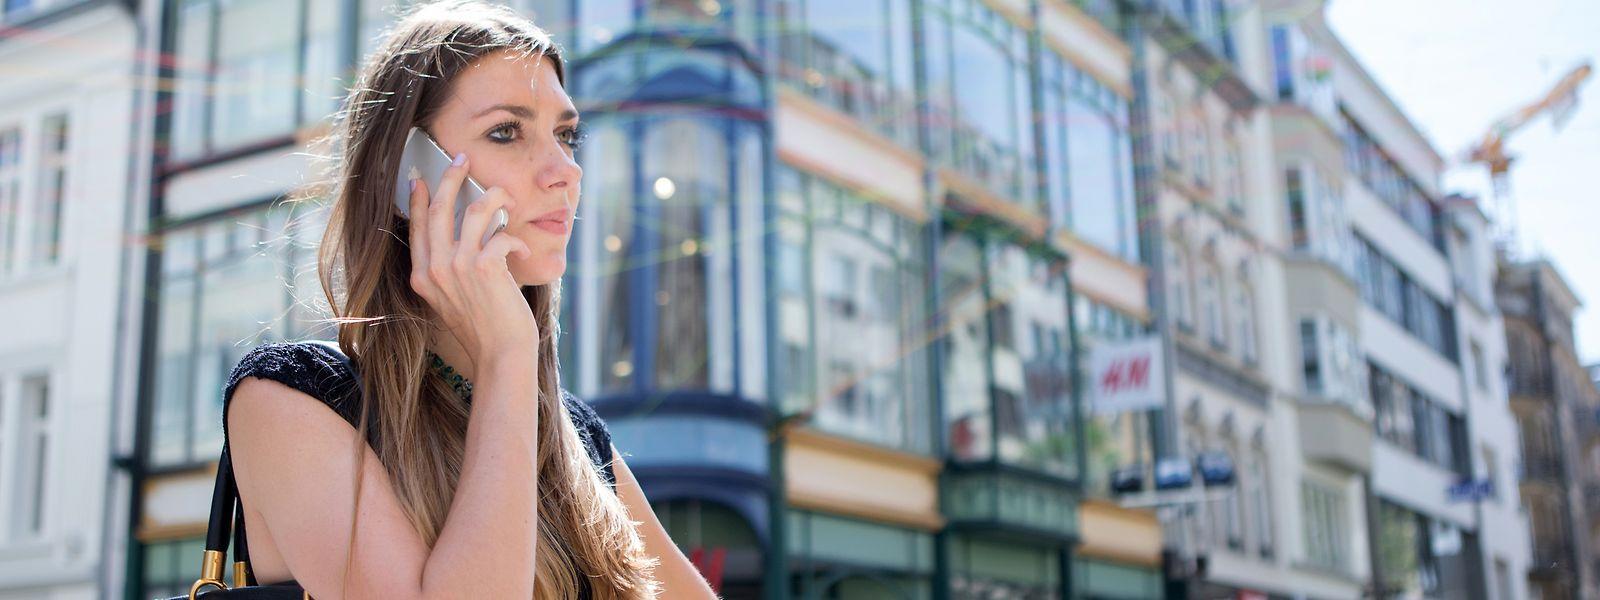 Les litiges concernant la téléphonie mobile sont en baisse entre 2019 et 2018 mais ils demeurent les plus nombreux selon le rapport annuel de l'ILR.